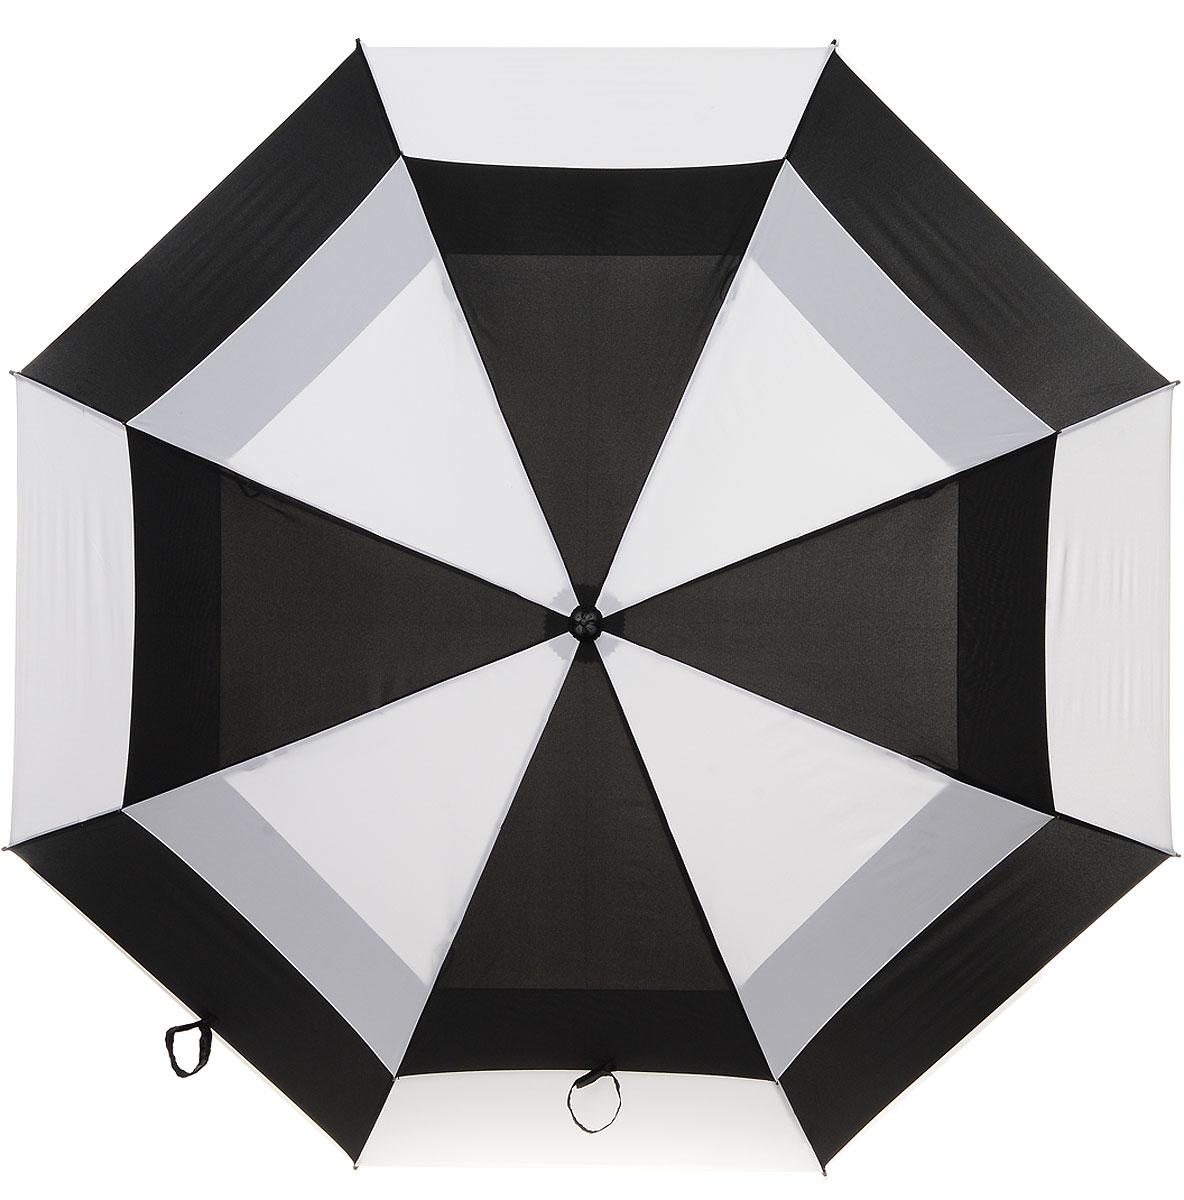 Зонт-гольфер мужской Fulton Stormshield, механический, цвет: черный, белый. S669-2986S669-2986 BlackWhiteМеханический мужской зонт-гольфер Fulton Clearview надежно защитит вас от дождя. Каркас зонта включает 8 спиц из фибергласса с пластиковыми наконечниками. Стержень также изготовлен из фибергласса. Купол зонта выполнен из высококачественного полиэстера и оформлен оригинальным принтом. Изделие дополнено удобной пластиковой рукояткой с каучуковым покрытием. Зонт механического сложения: купол открывается и закрывается вручную до характерного щелчка. Модель дополнительно застегивается с помощью хлястика на липучку. В комплект также входит чехол на липучке. Такой зонт станет стильным аксессуаром, который подчеркнет ваш образ.